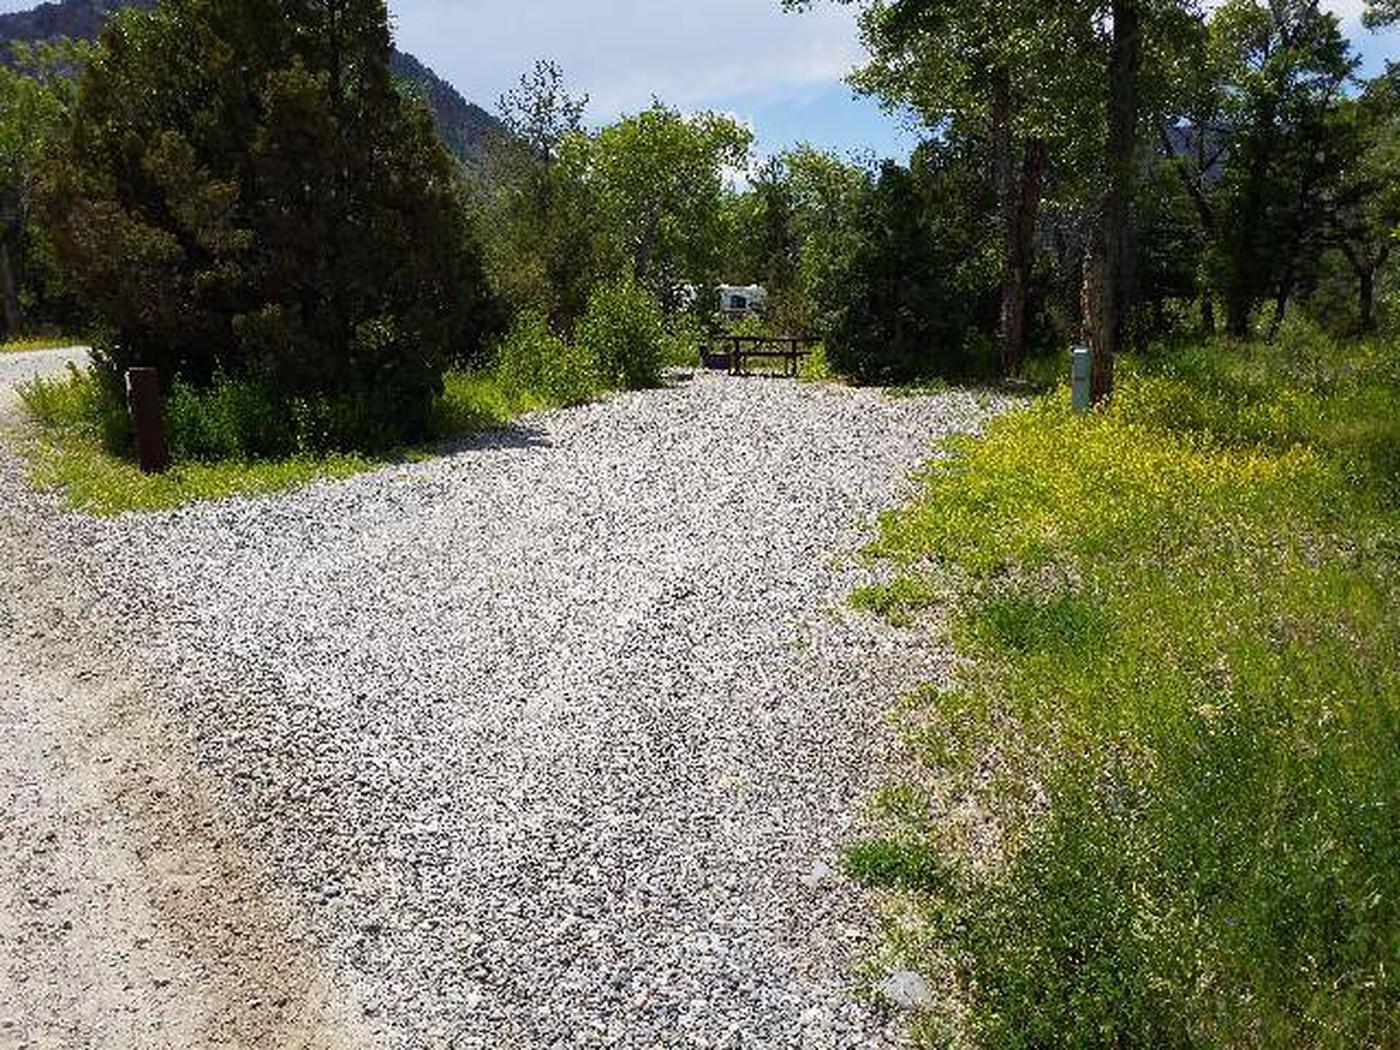 Wapiti Campsite 4 - Parking